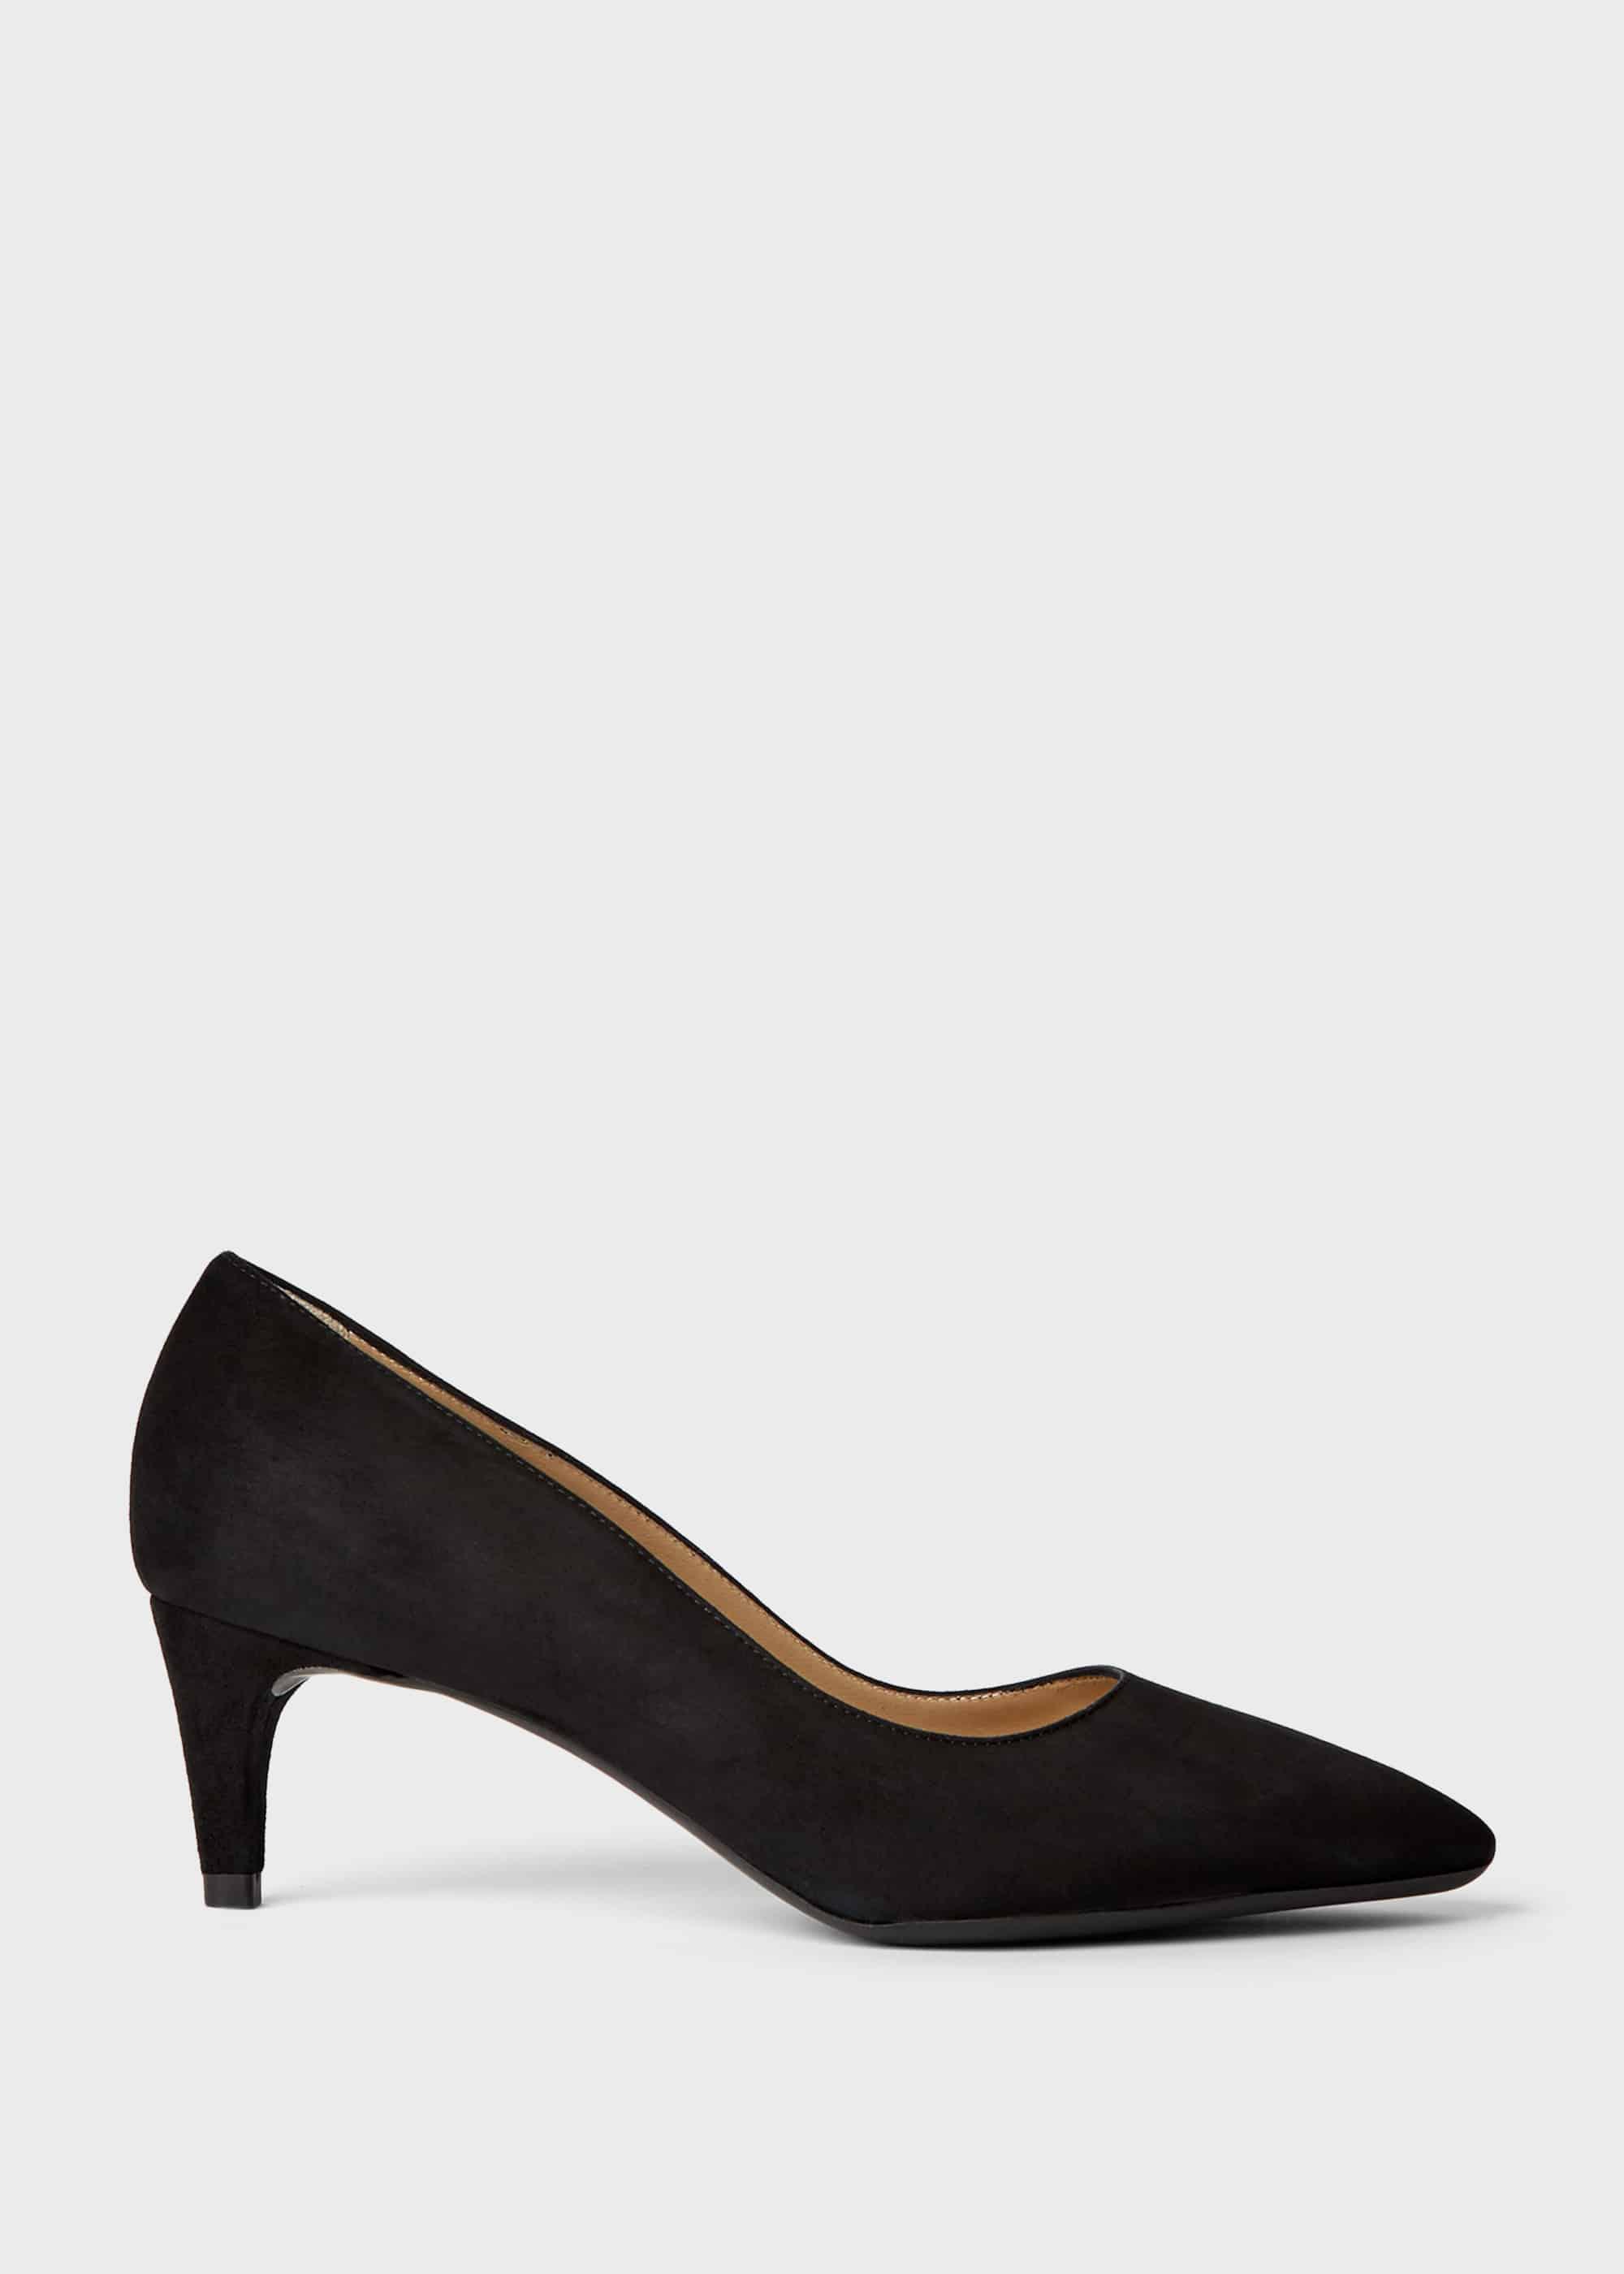 Hobbs Women Polly Suede Kitten Heel Court Shoes